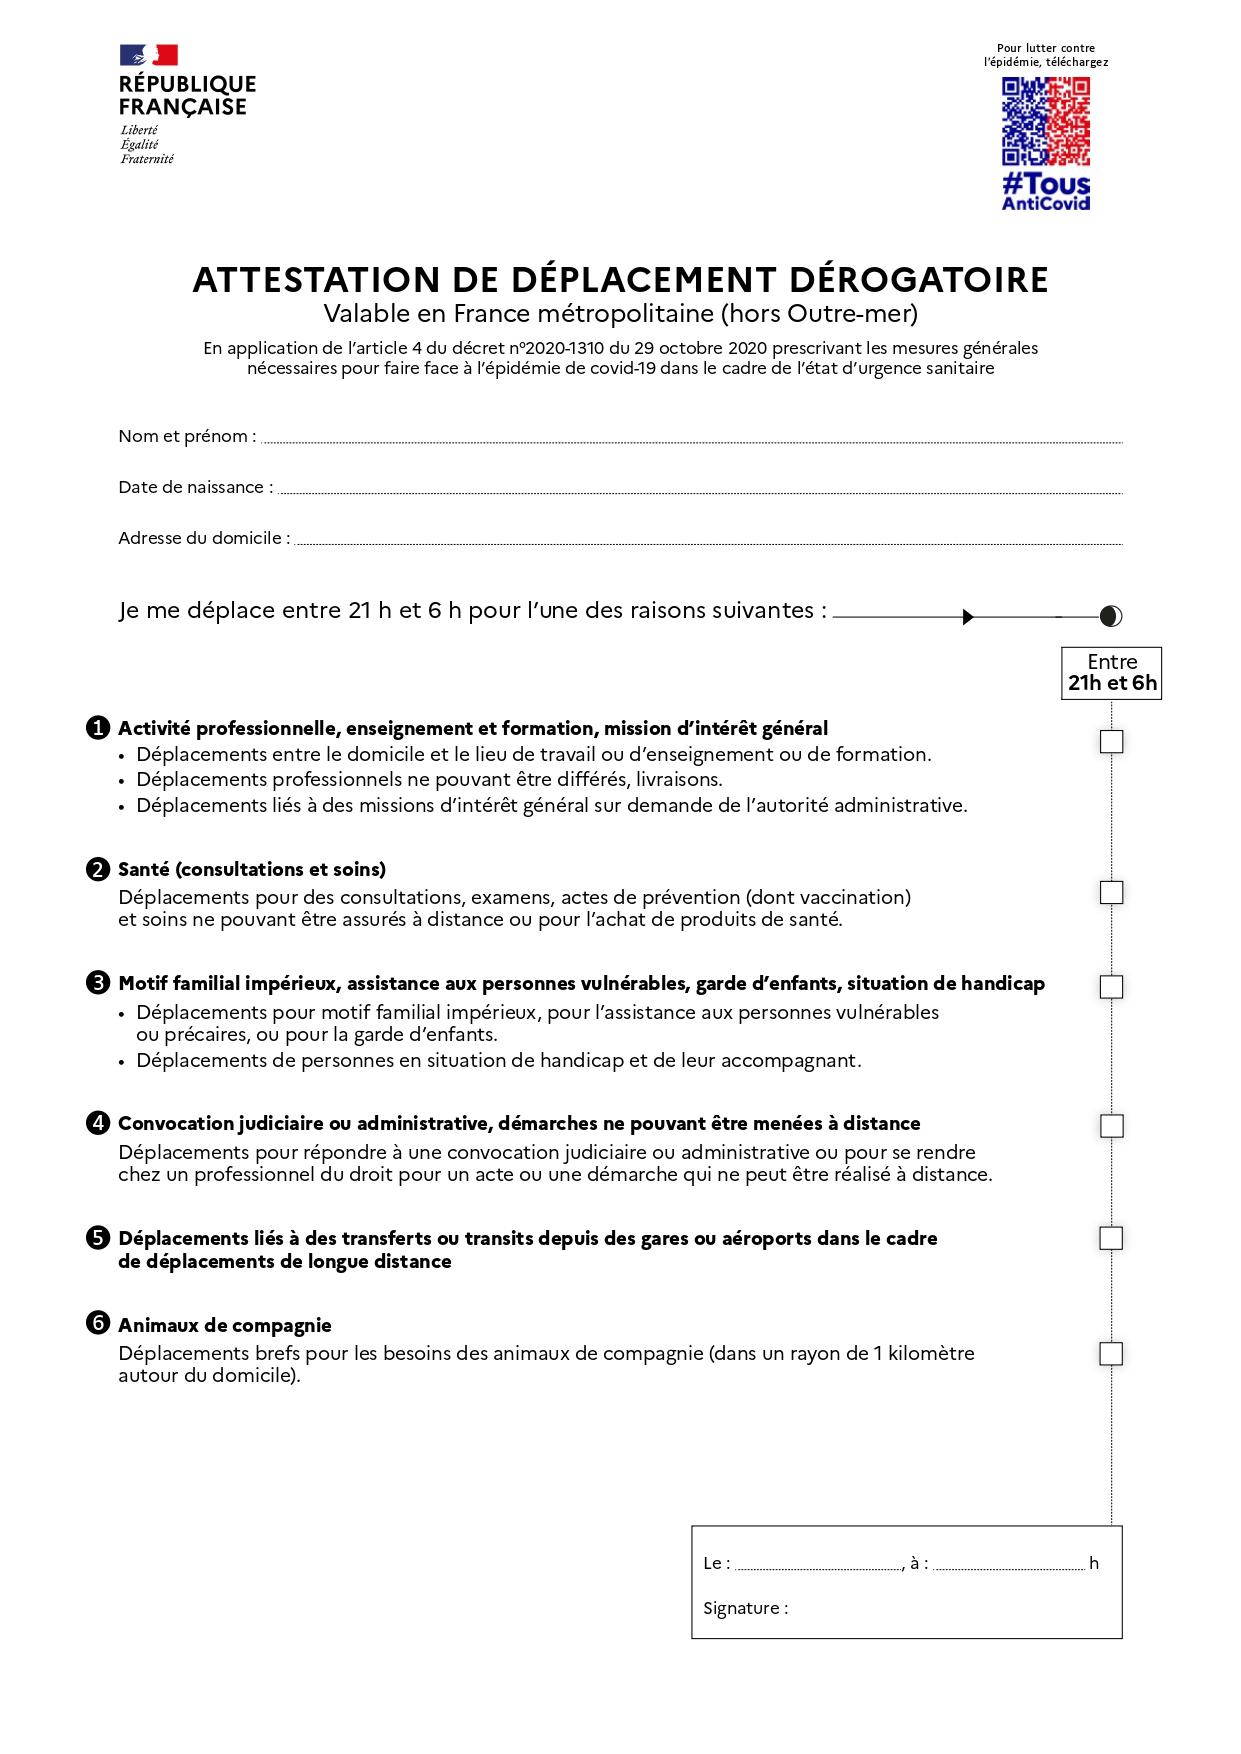 19-05-2021-attestation-de-deplacement-derogatoire_page-0001.jpg